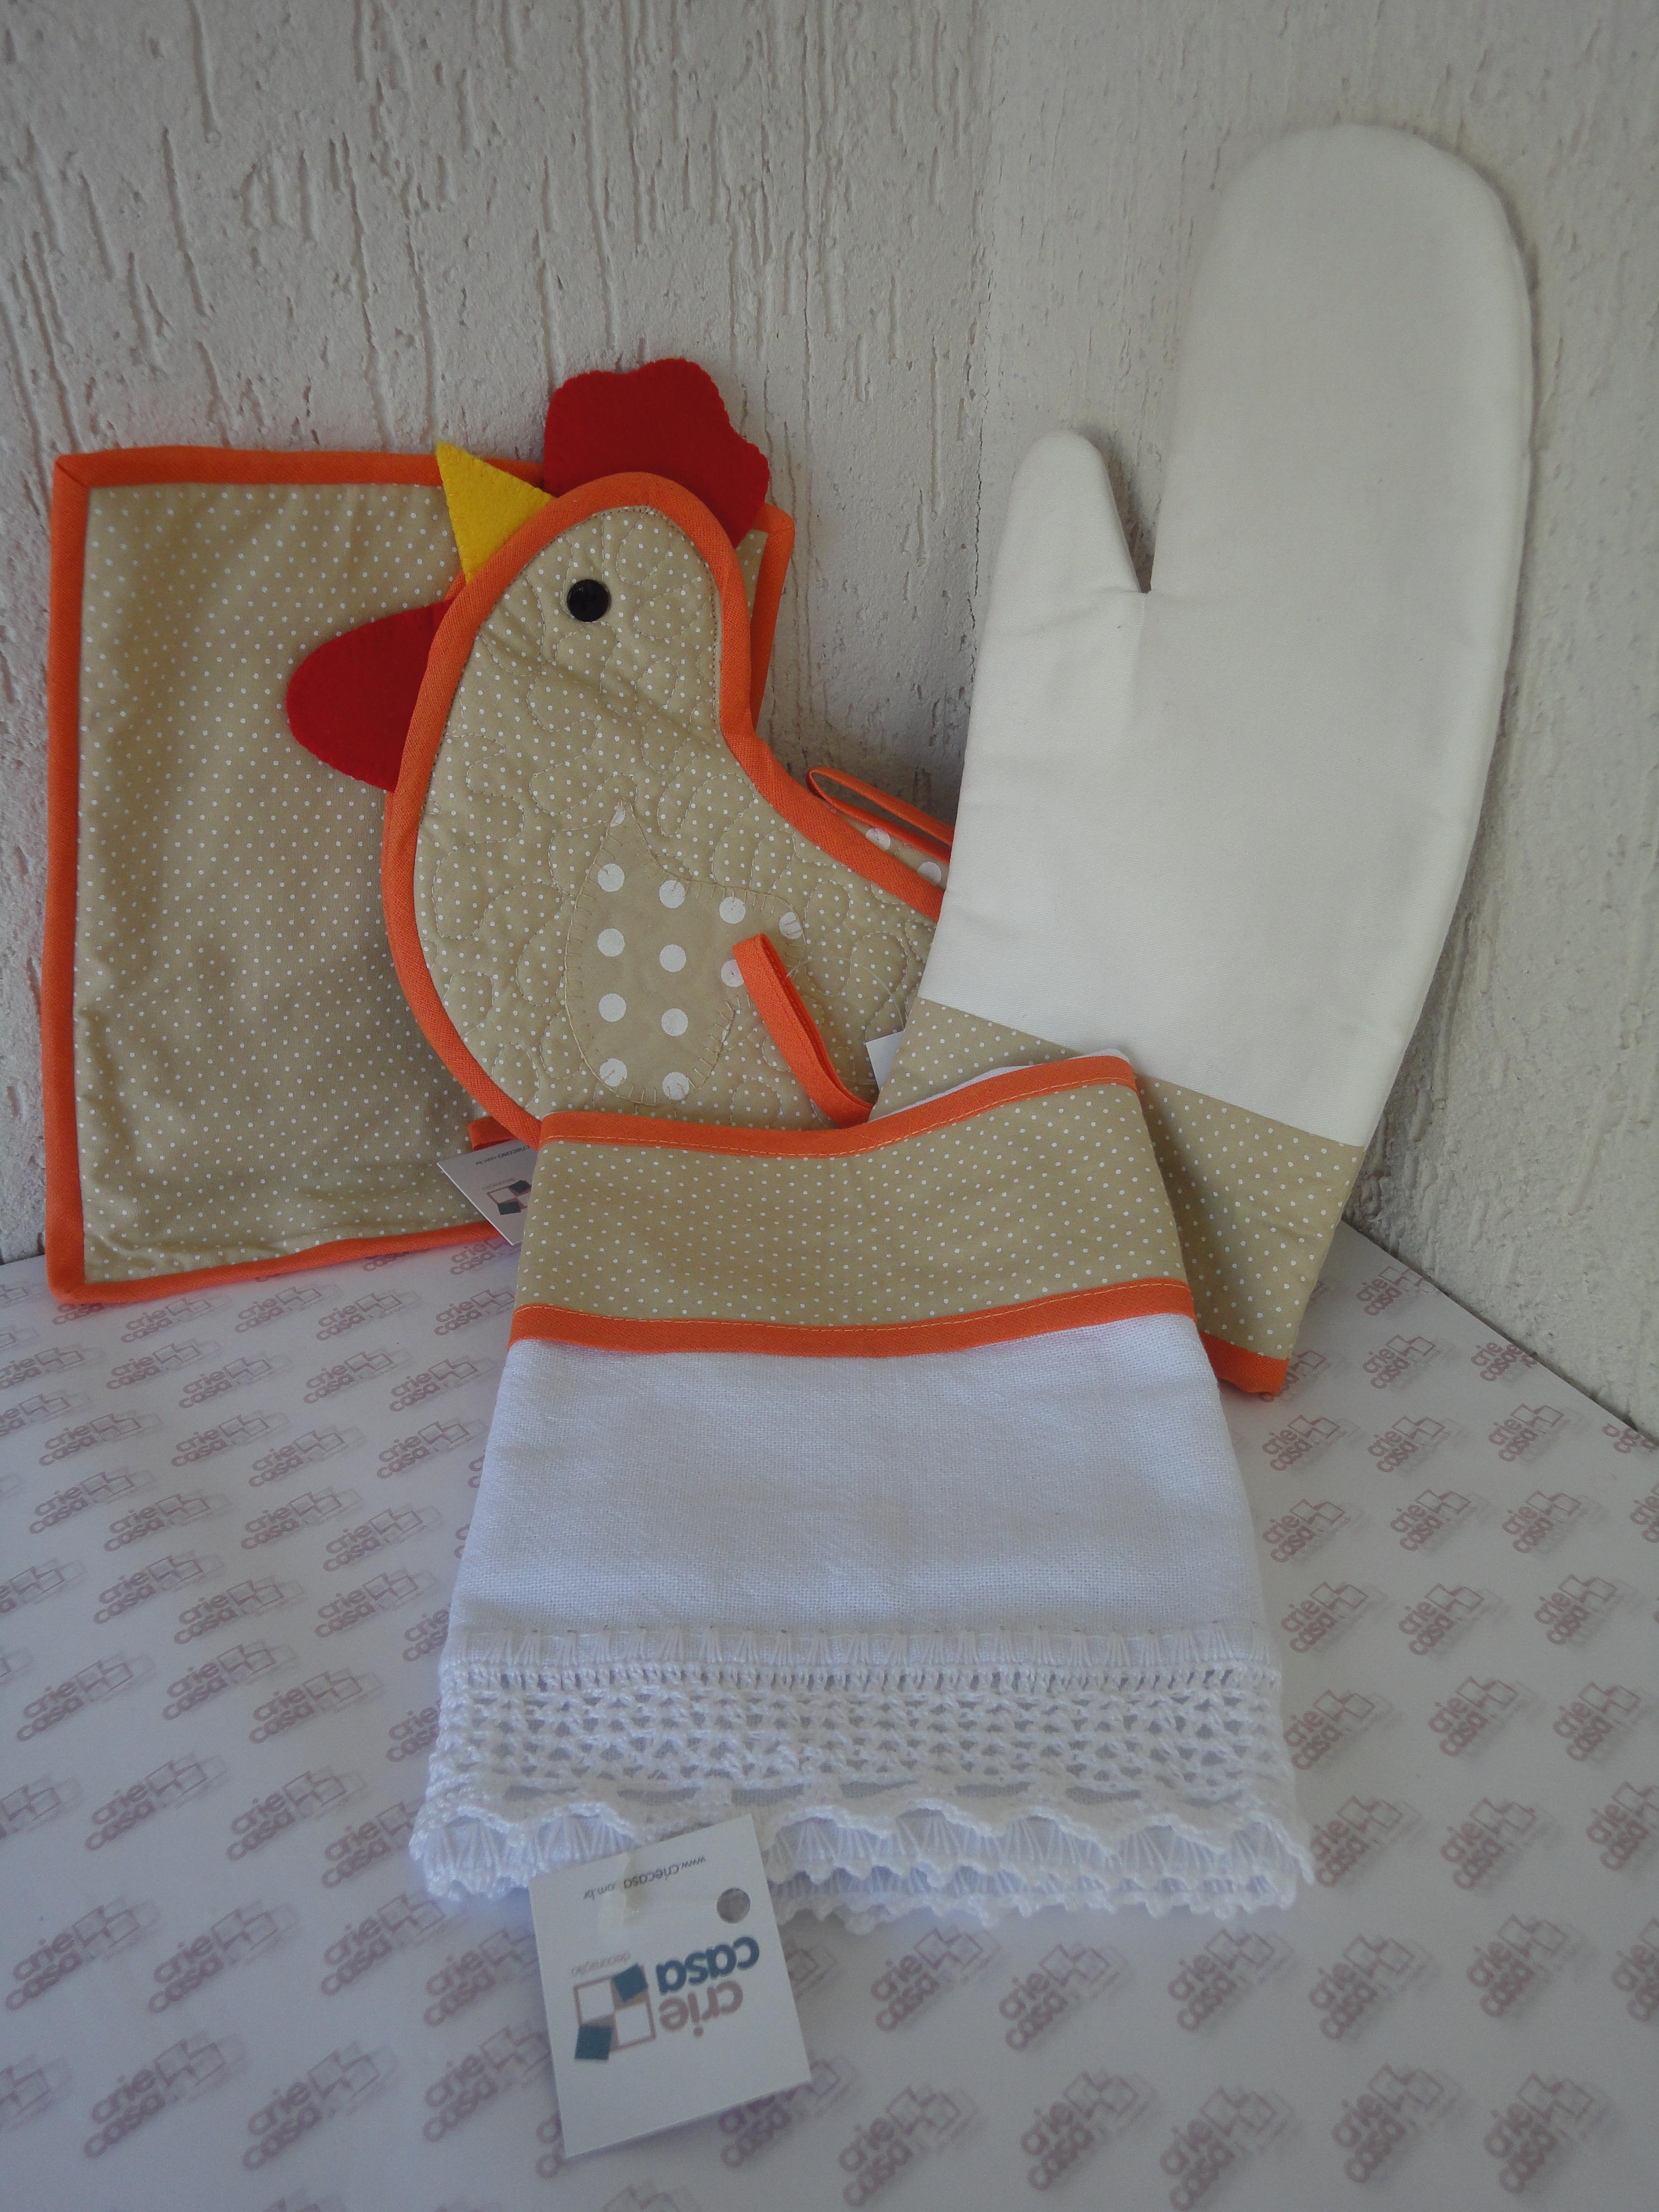 kit decoracao cozinha:Kit Cozinha Patchwork Galinha Poá